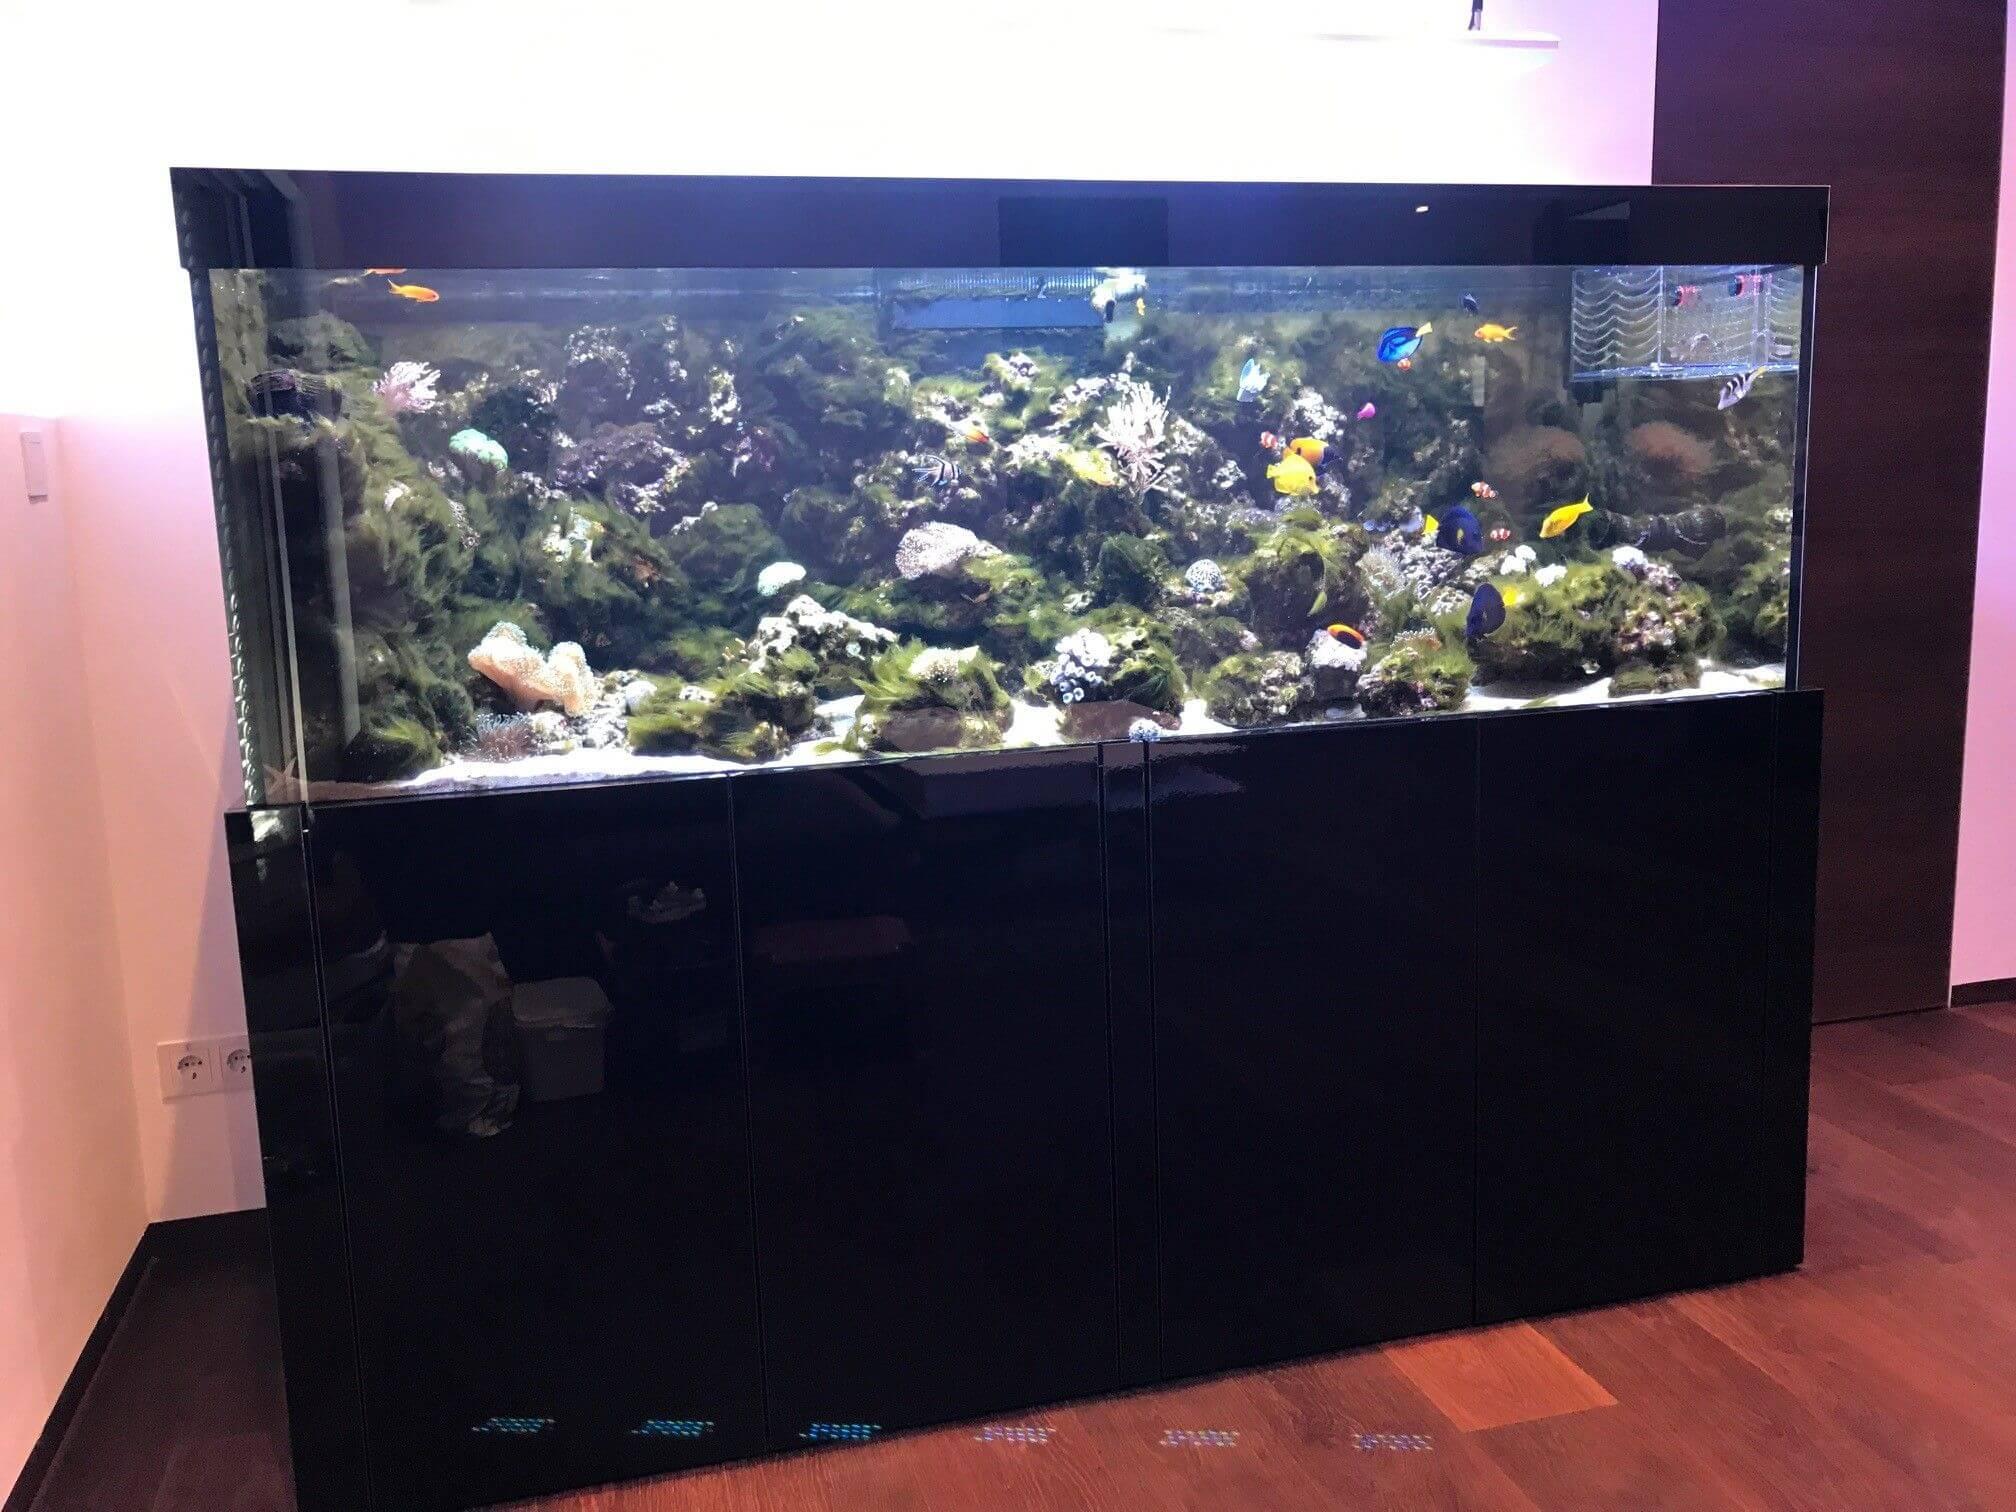 fadenalgen im meerwasseraquarium sind eine sehr l stige plage mit der rictigen strategie lassen. Black Bedroom Furniture Sets. Home Design Ideas